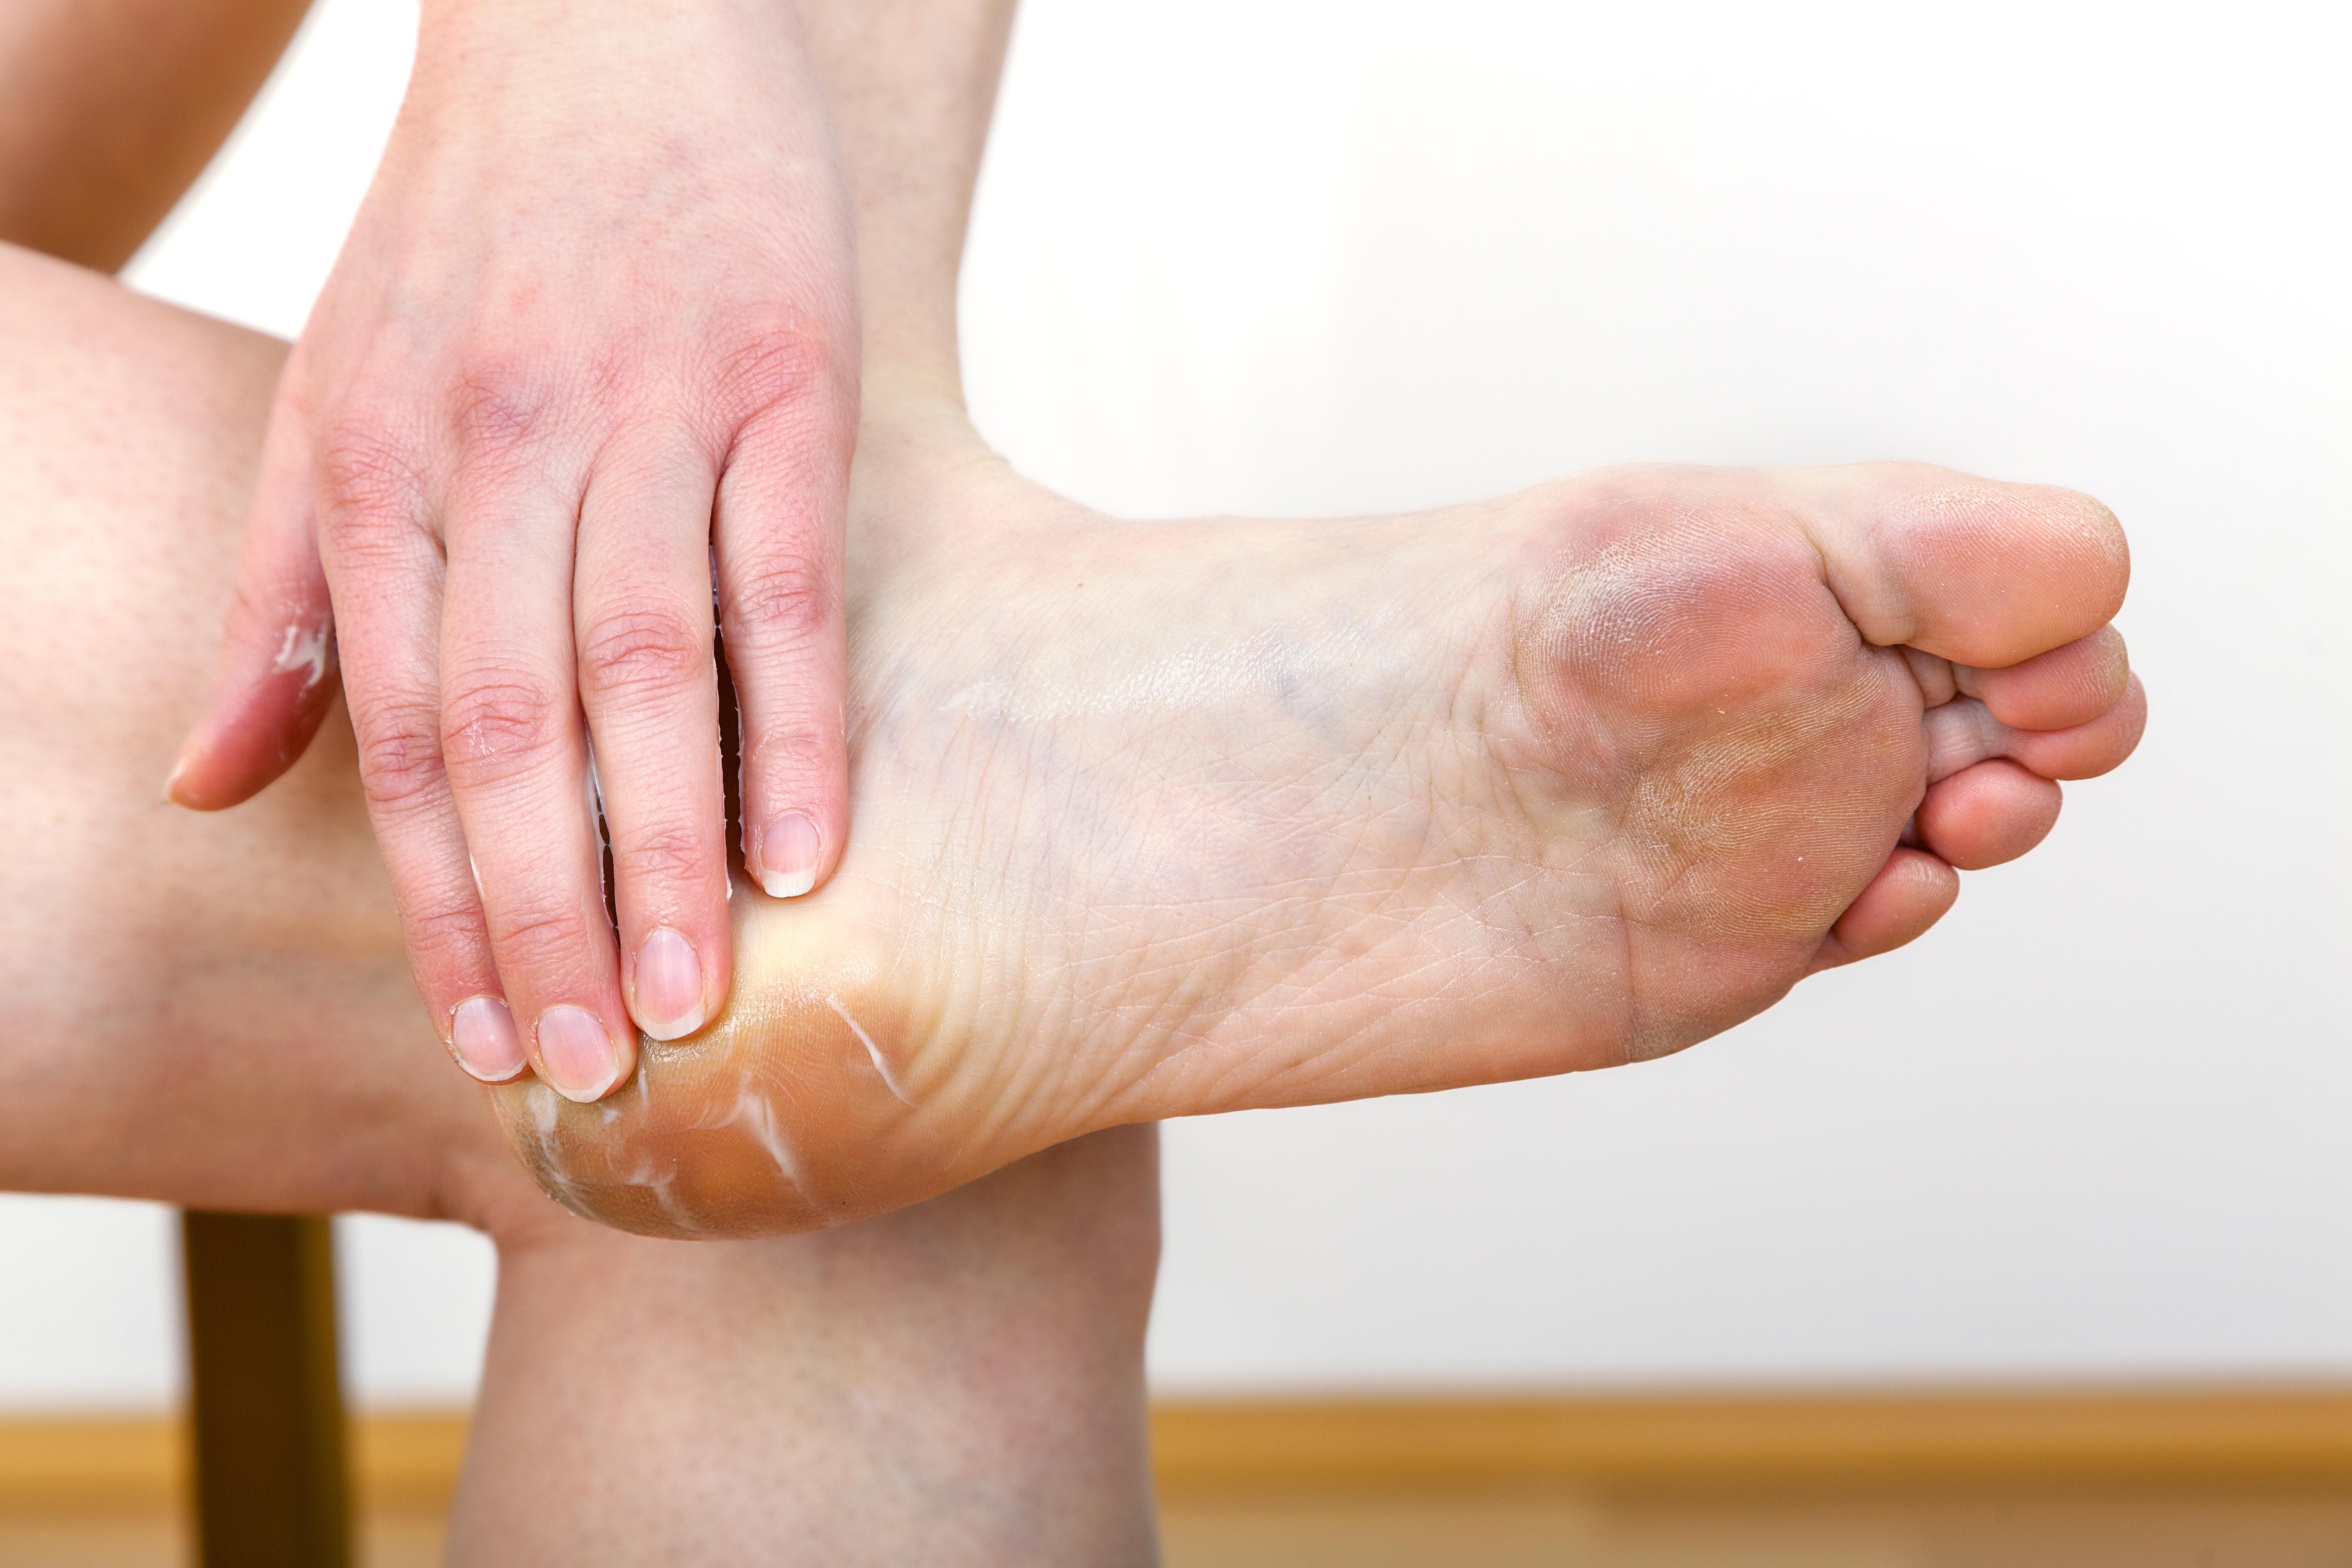 En liktå uppkommer ofta på grund av obekväma skor, och kan behöva opereras bort.